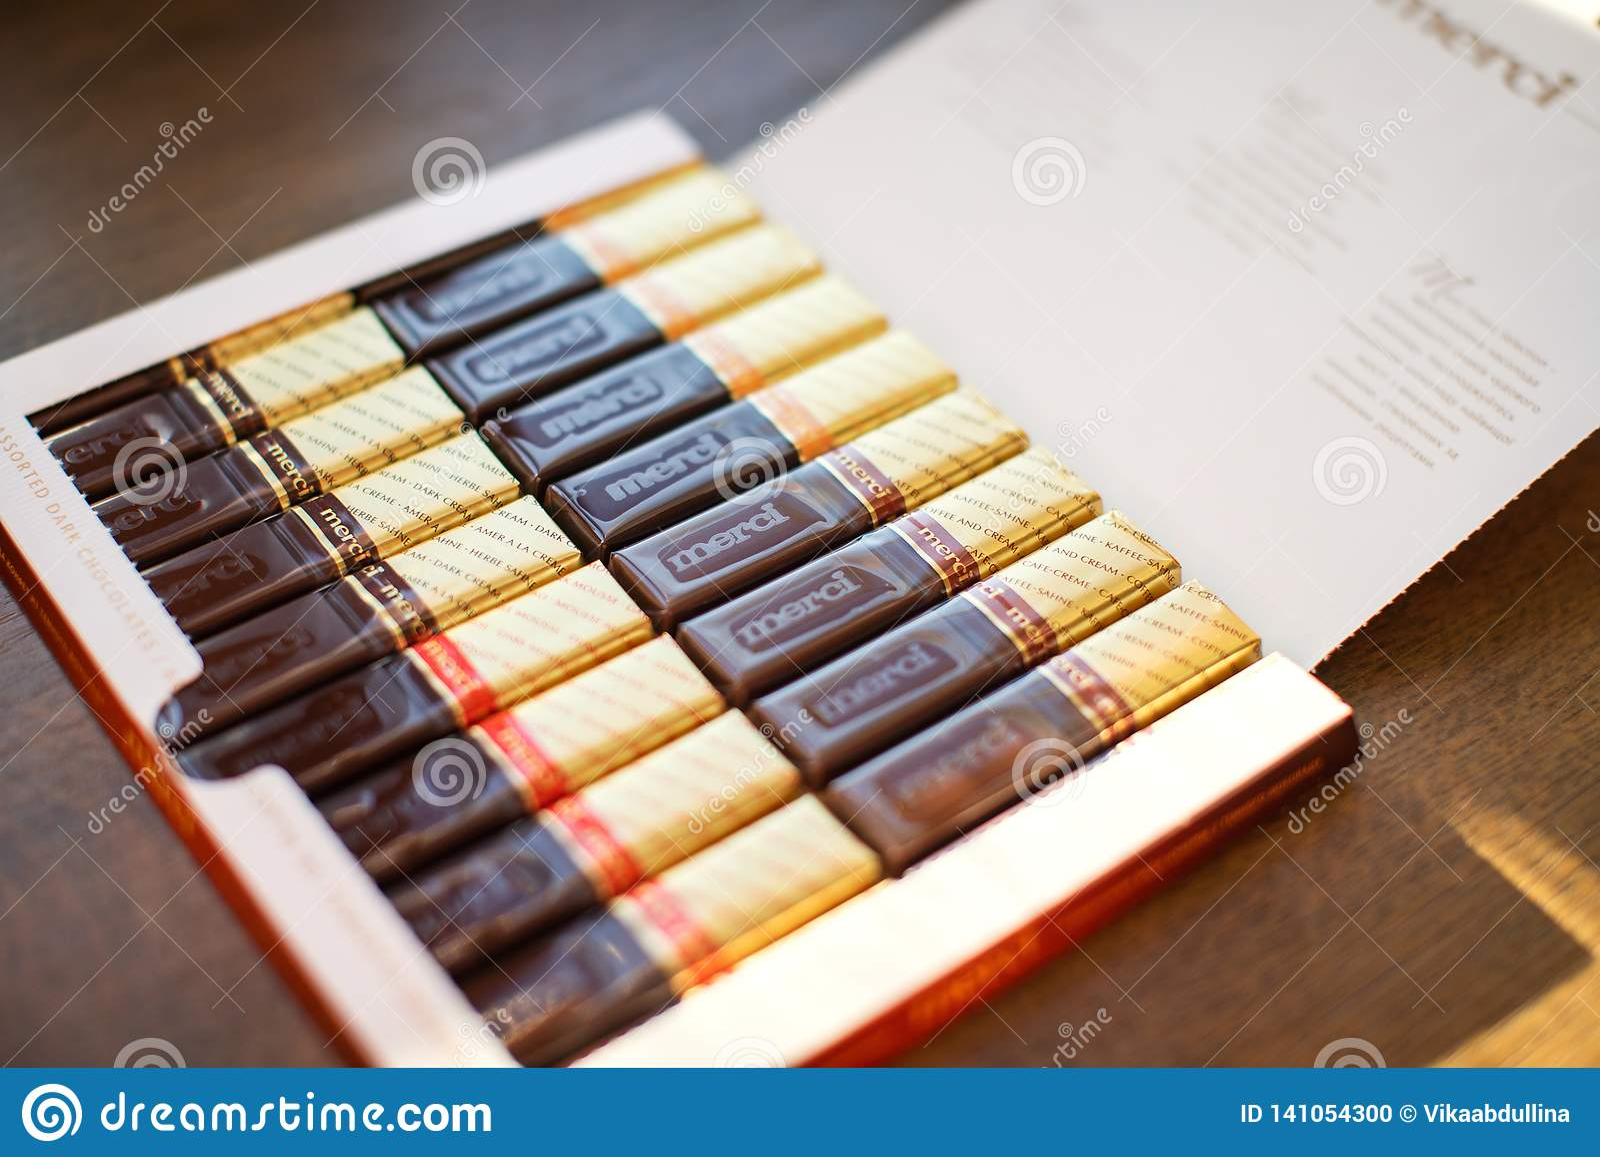 Merci choklad - märke av chokladgodisen som tillverkas av det tyska företaget August Storck som säljs i mer än 70 länder